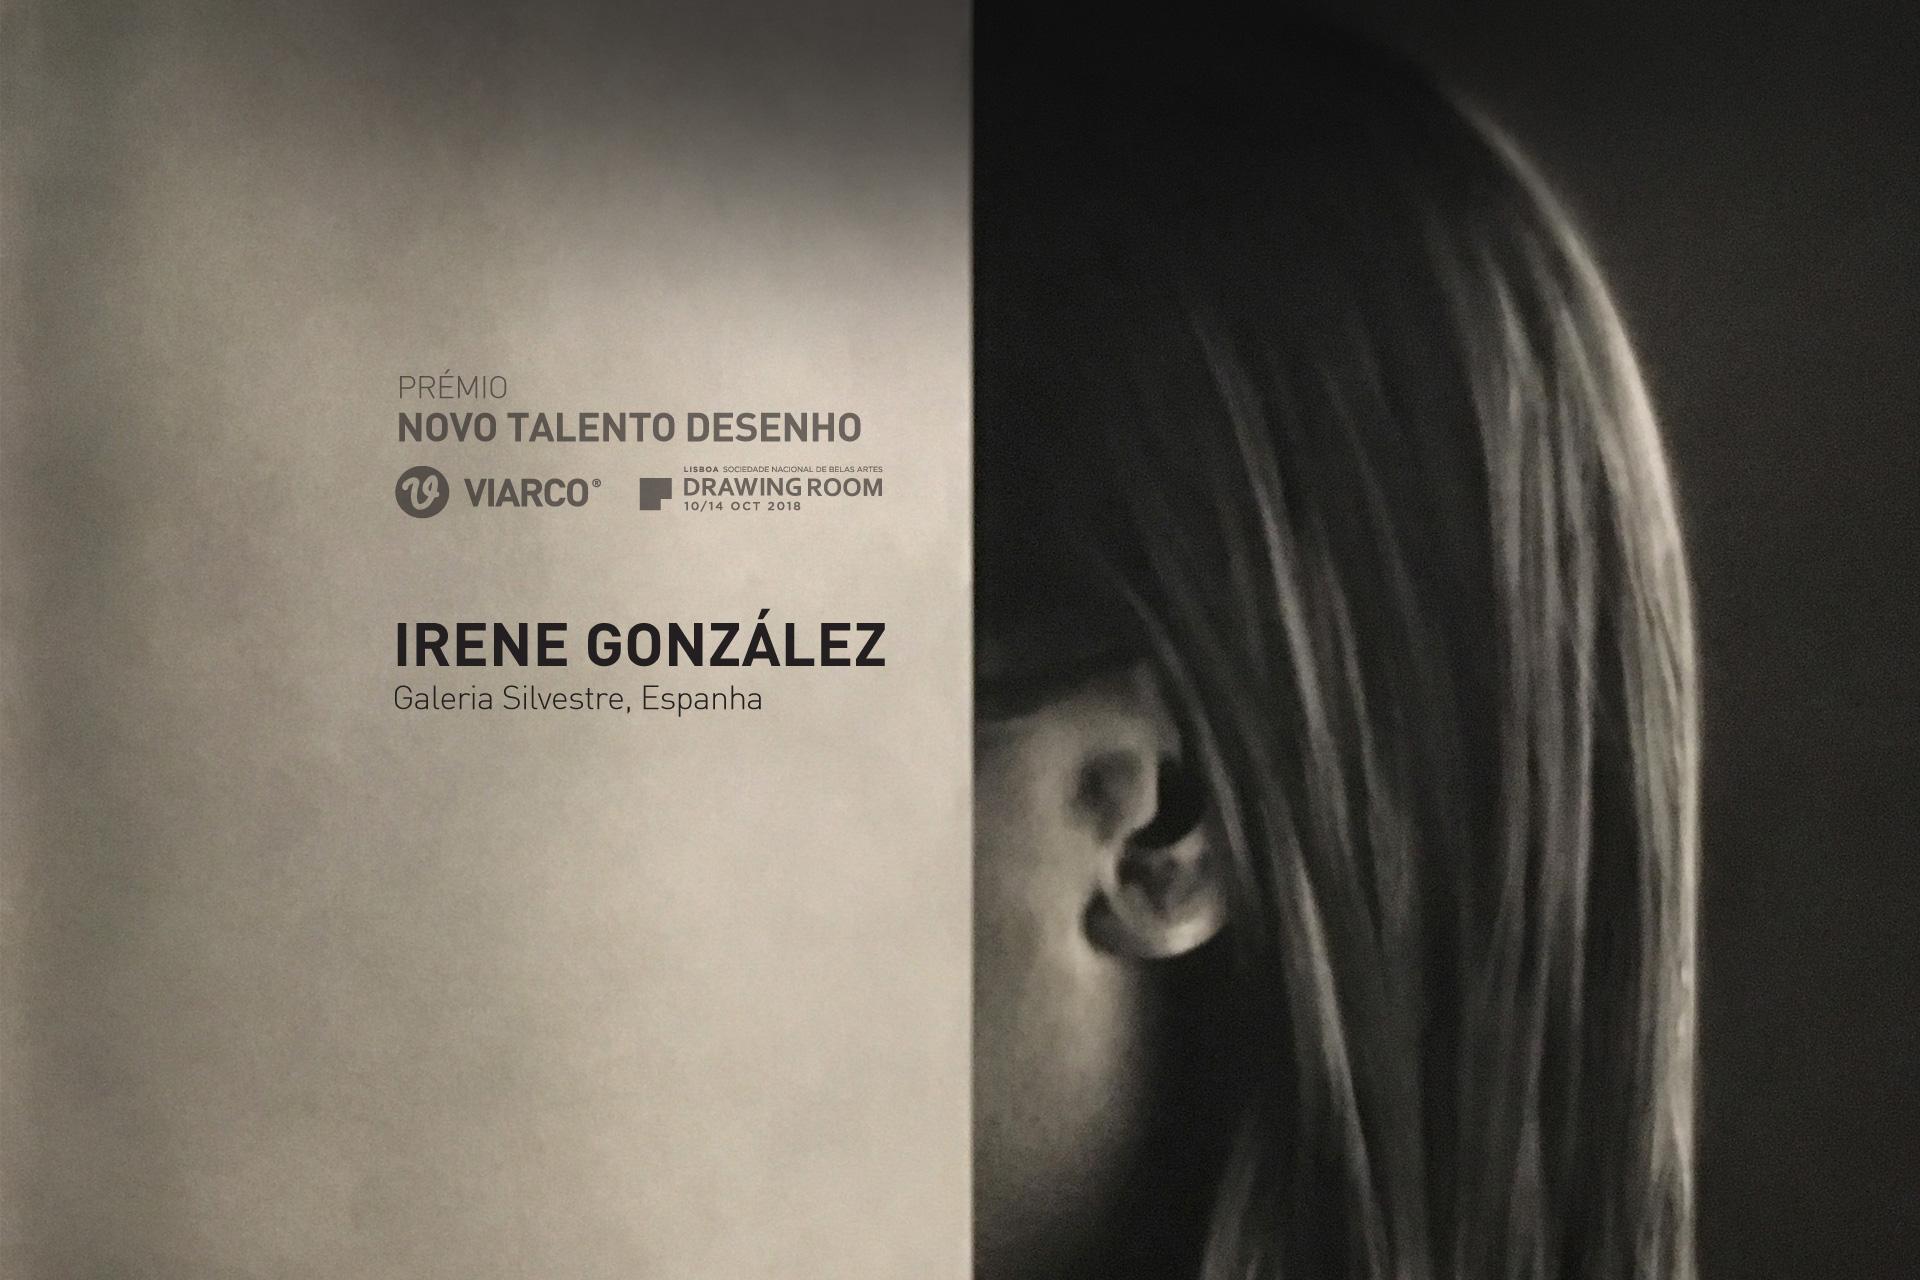 Premio Novo Talento